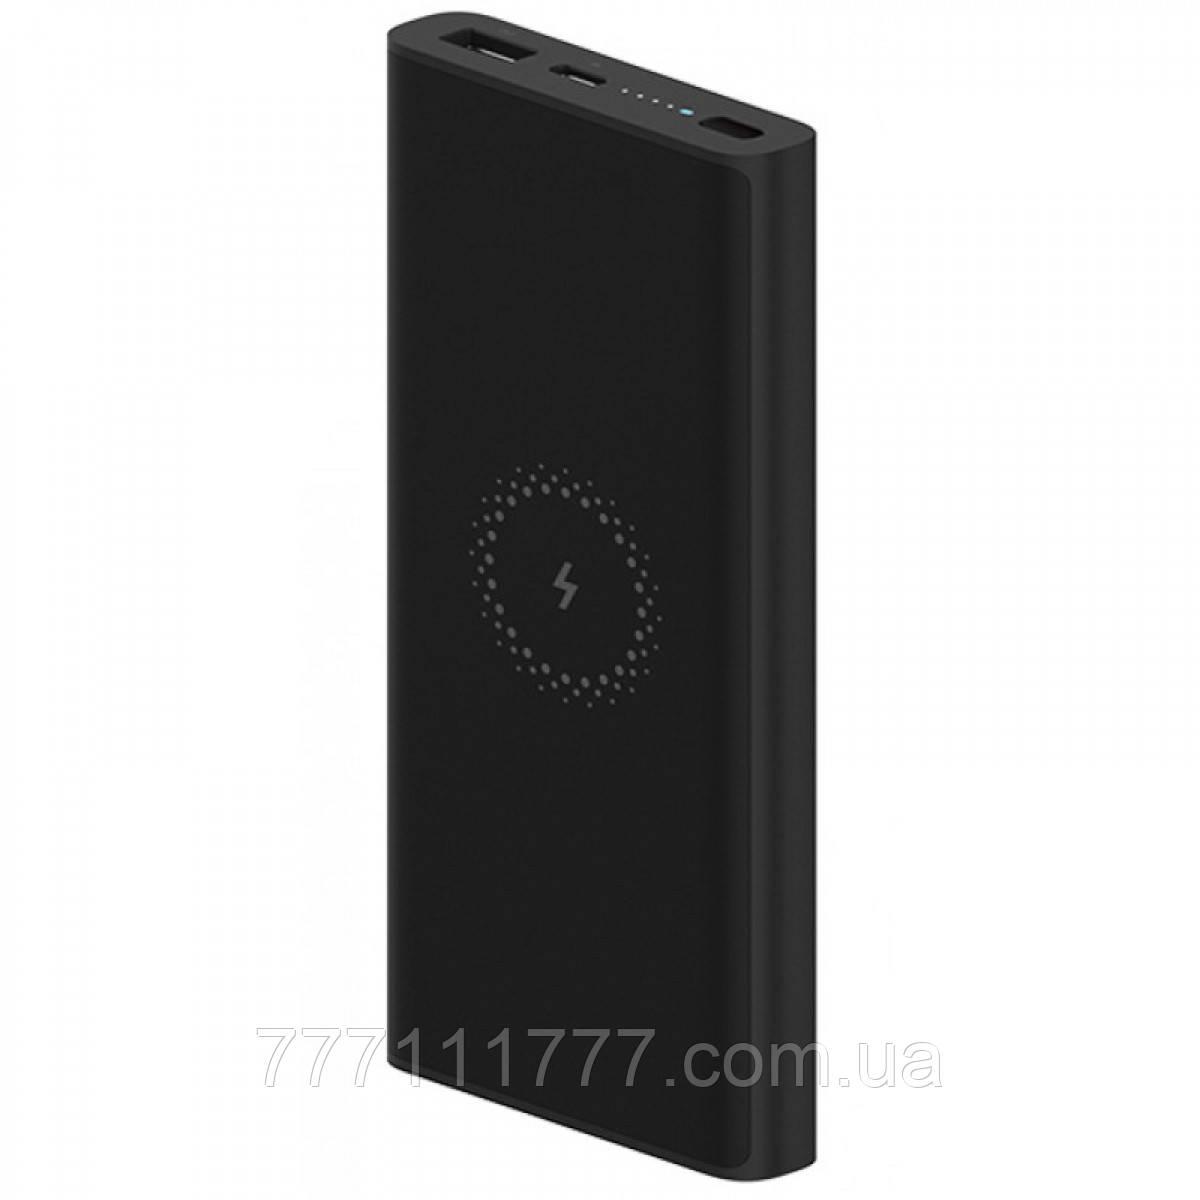 Павер банк черный с хорошей батареей Power Bank Xiaomi Mi Youth Edition 10000mAh Black(индукционная зарядка)